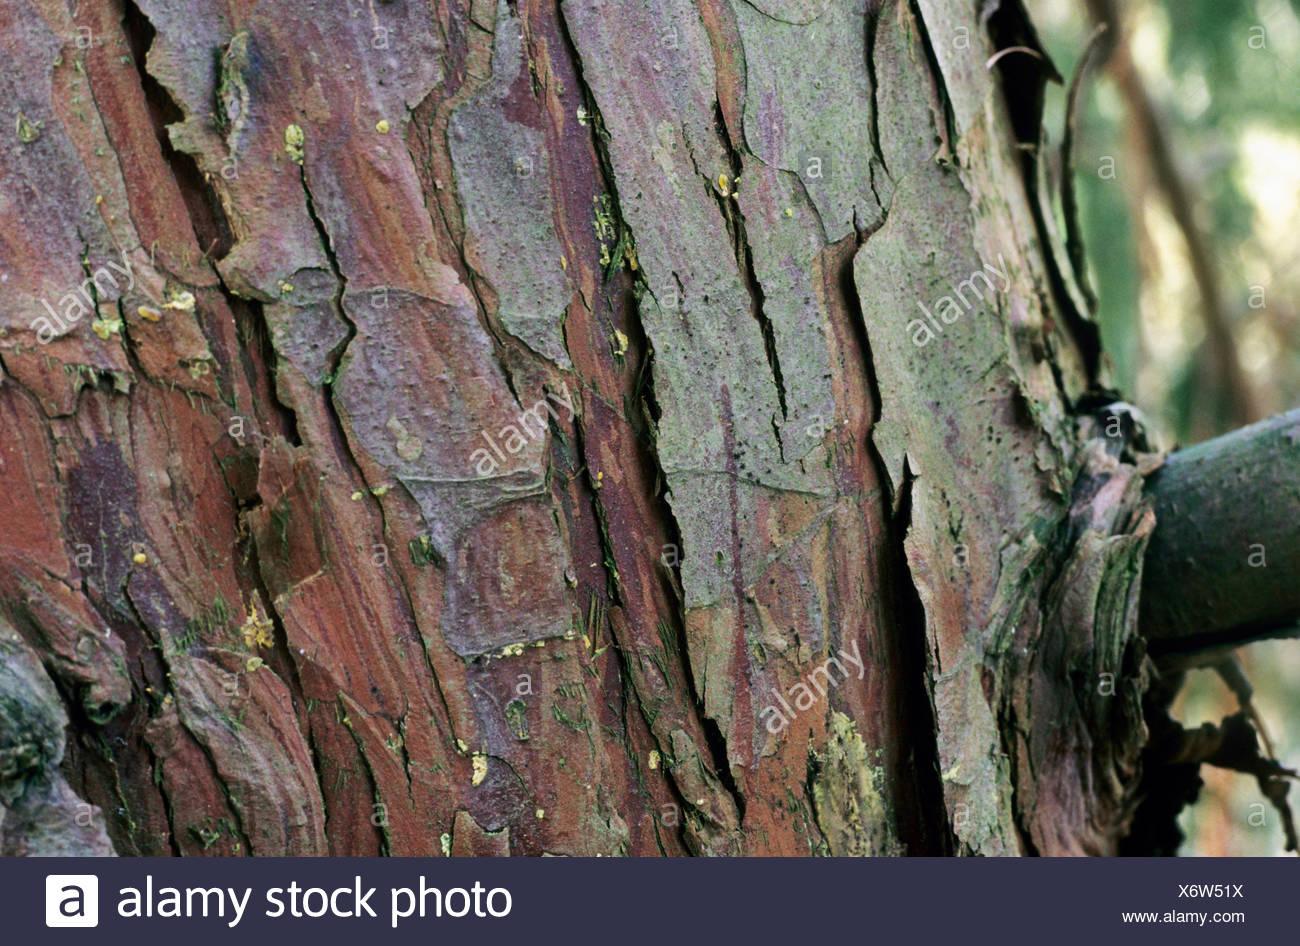 """Piangendo cedro giallo (Cupressus nootkatensis 'Pendula', Cupressus nootkatensis Pendula, Chamaecyparis nootkatensis 'pendula"""", Chamaecyparis nootkatensis pendula), corteccia Immagini Stock"""